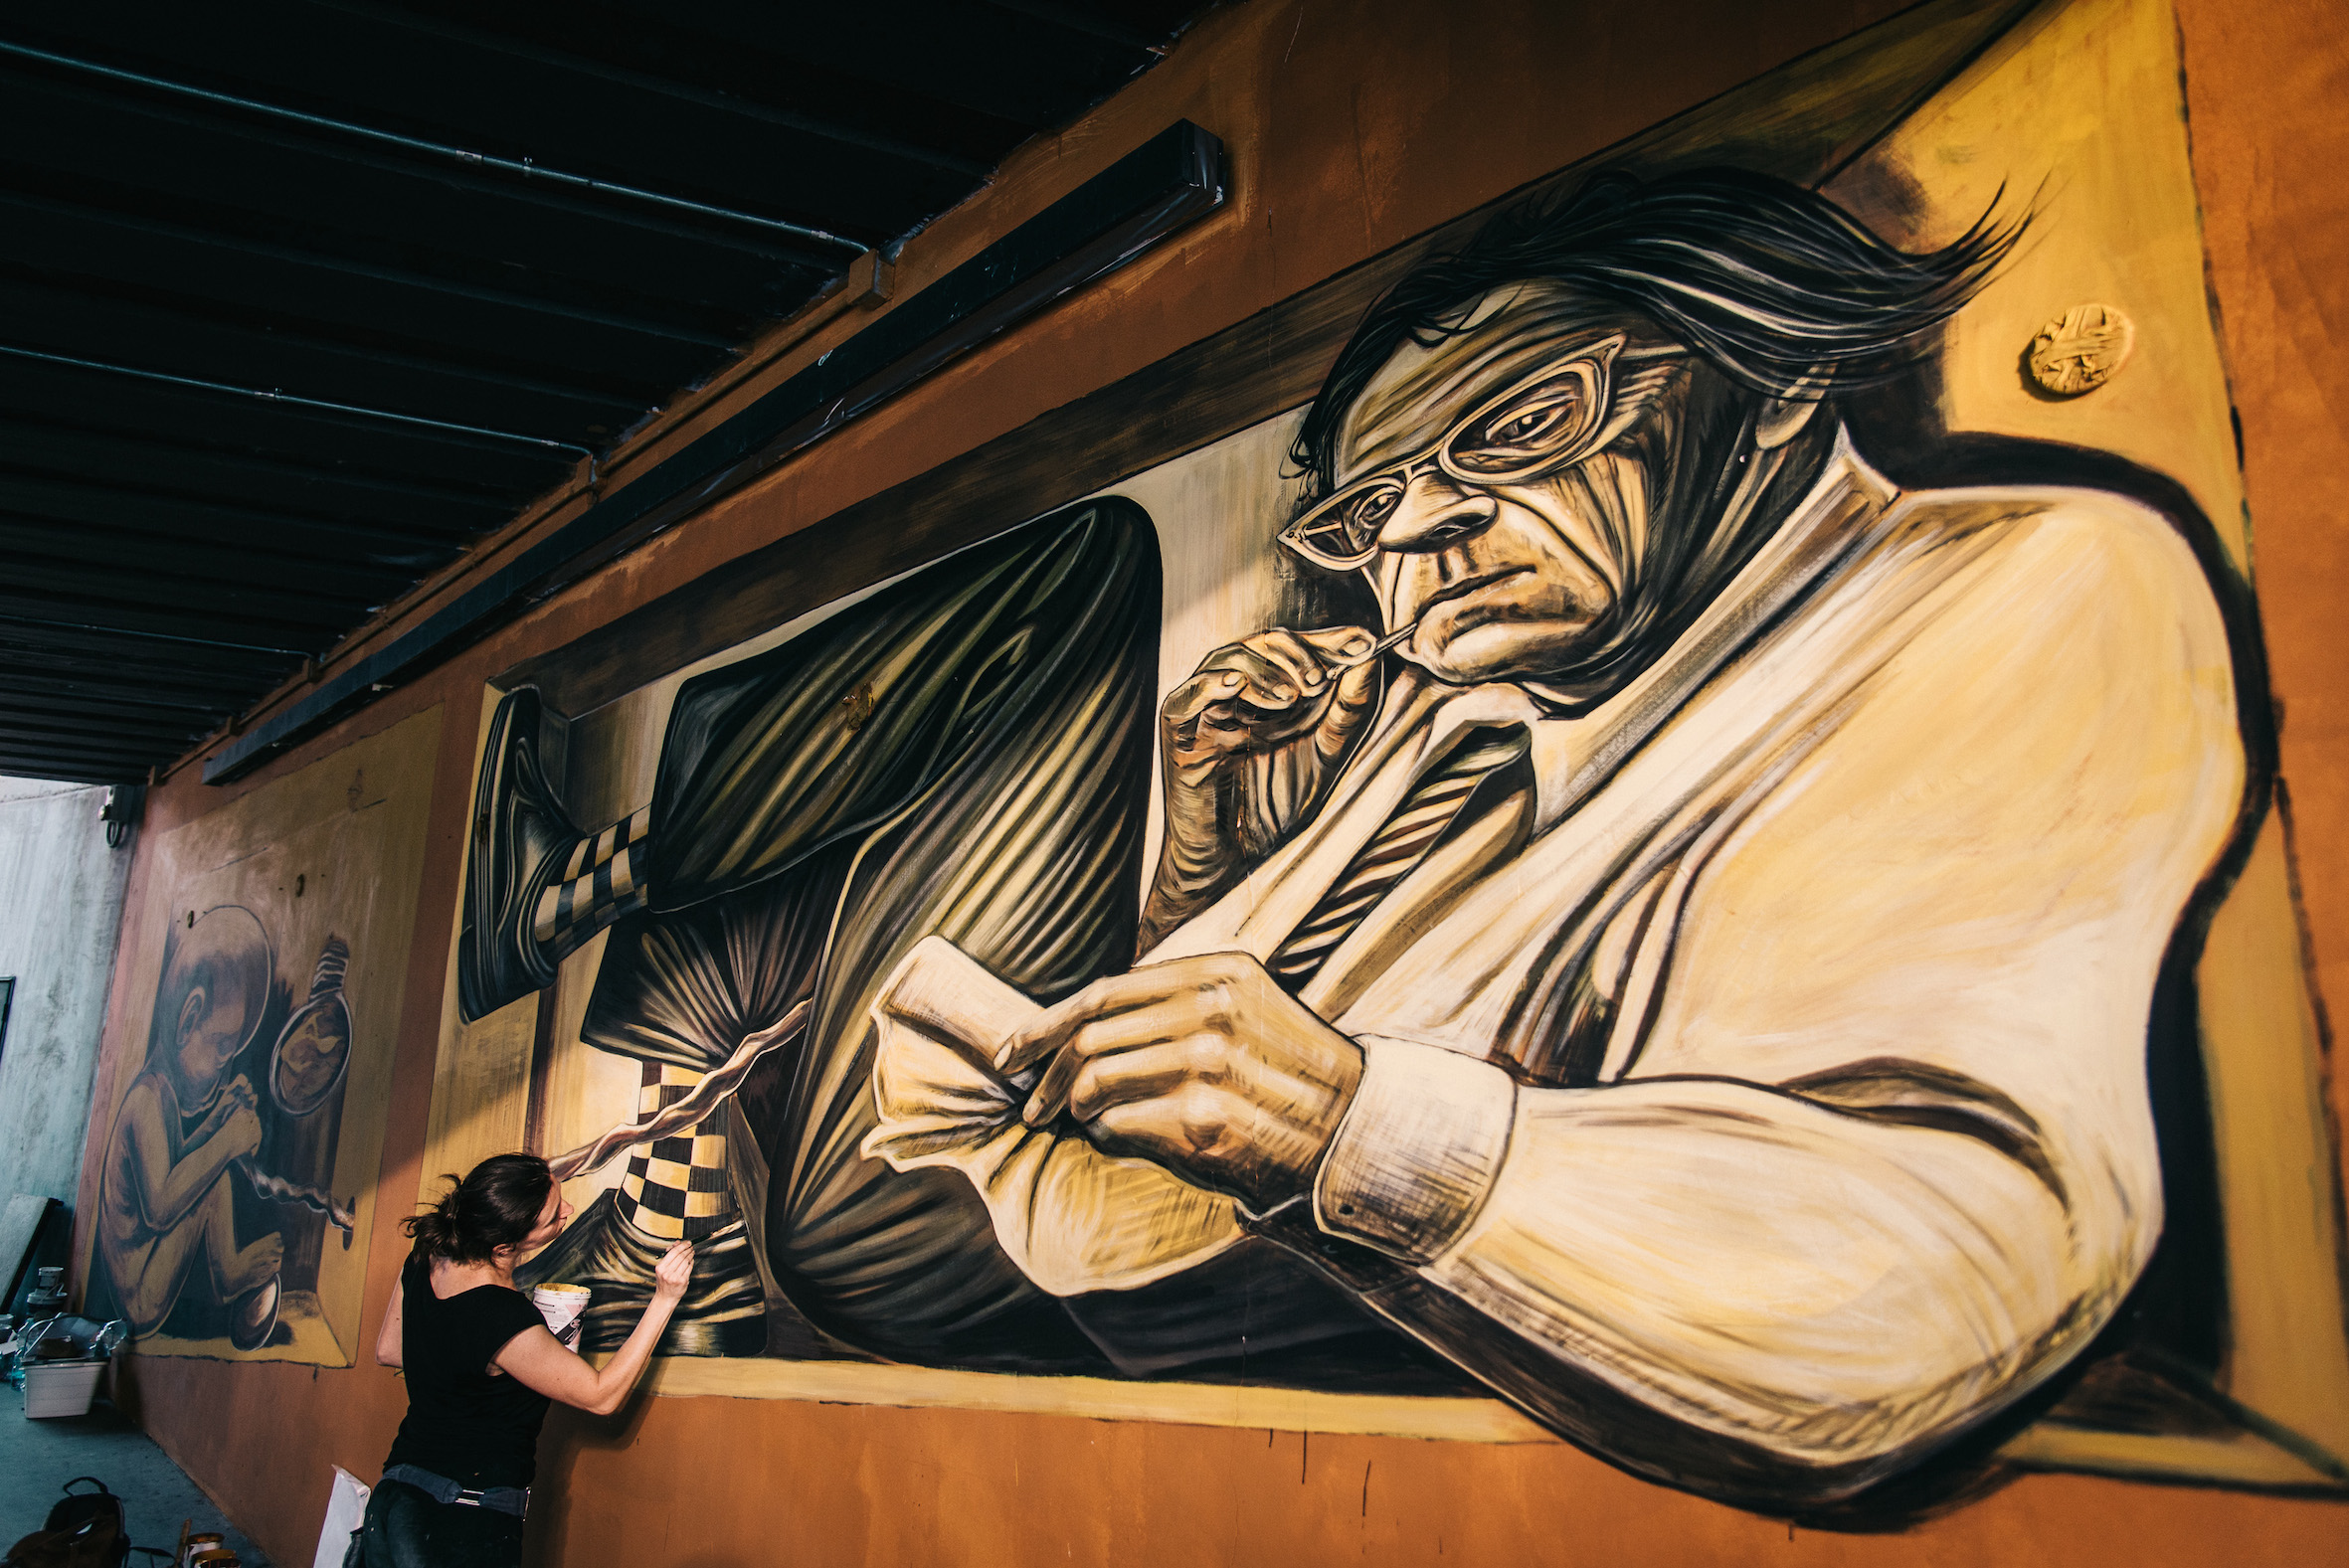 verabugatti streetart murals walls arteurbana illusioniottiche 3Dstreetart anamorfosi arte3D siamodipassaggio feto toscana circoloarcibluetrain